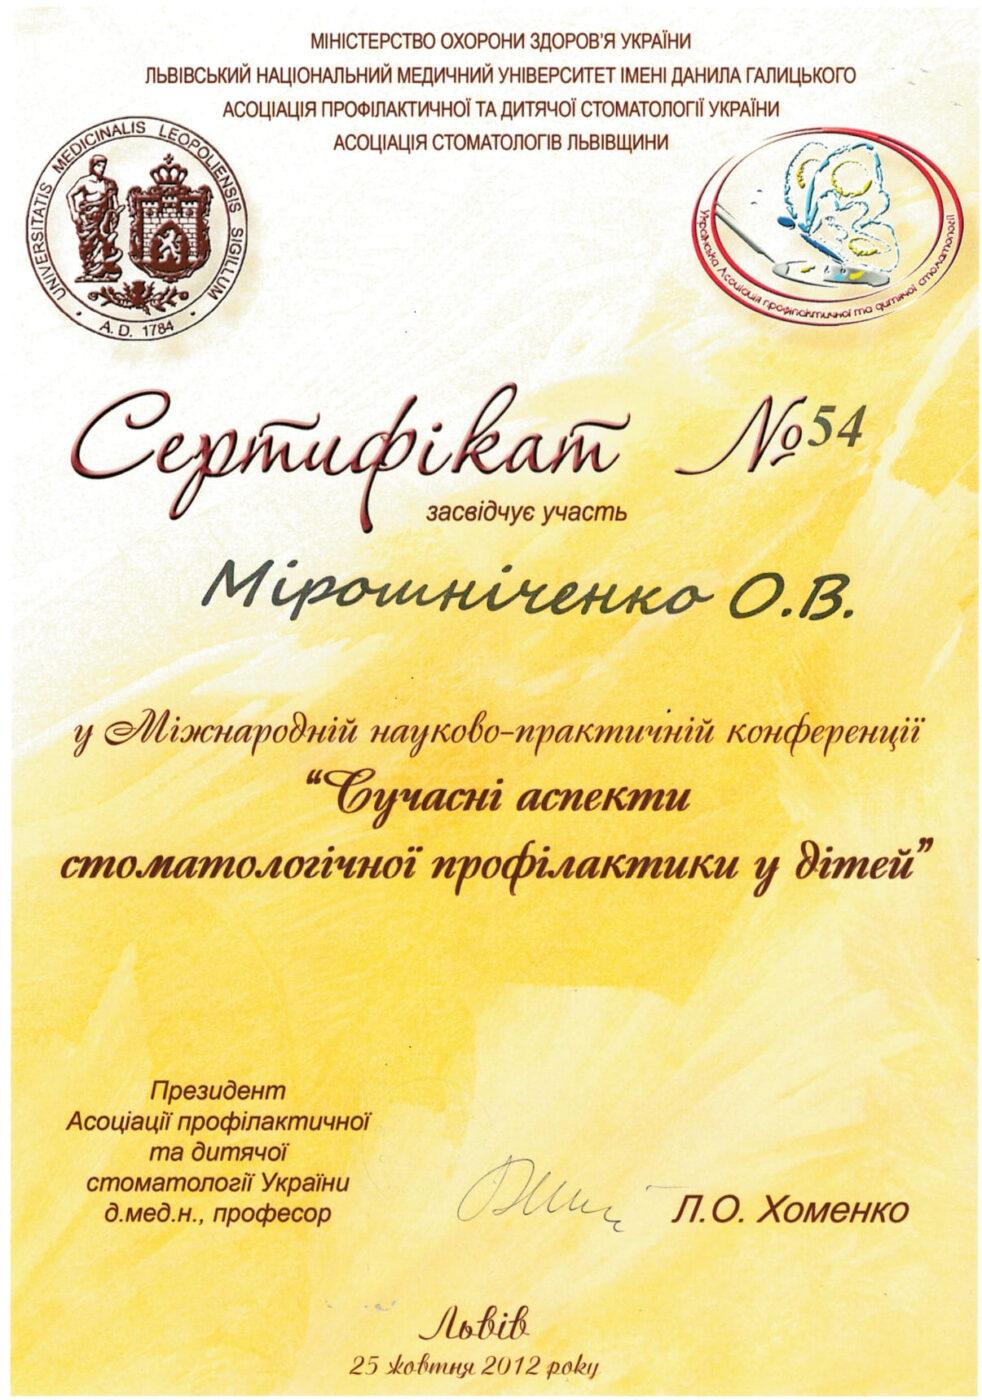 Сертификат подтверждающий участие Алёны Мирошниченко в курсе - Современные аспекты стоматологической профилактики у детей